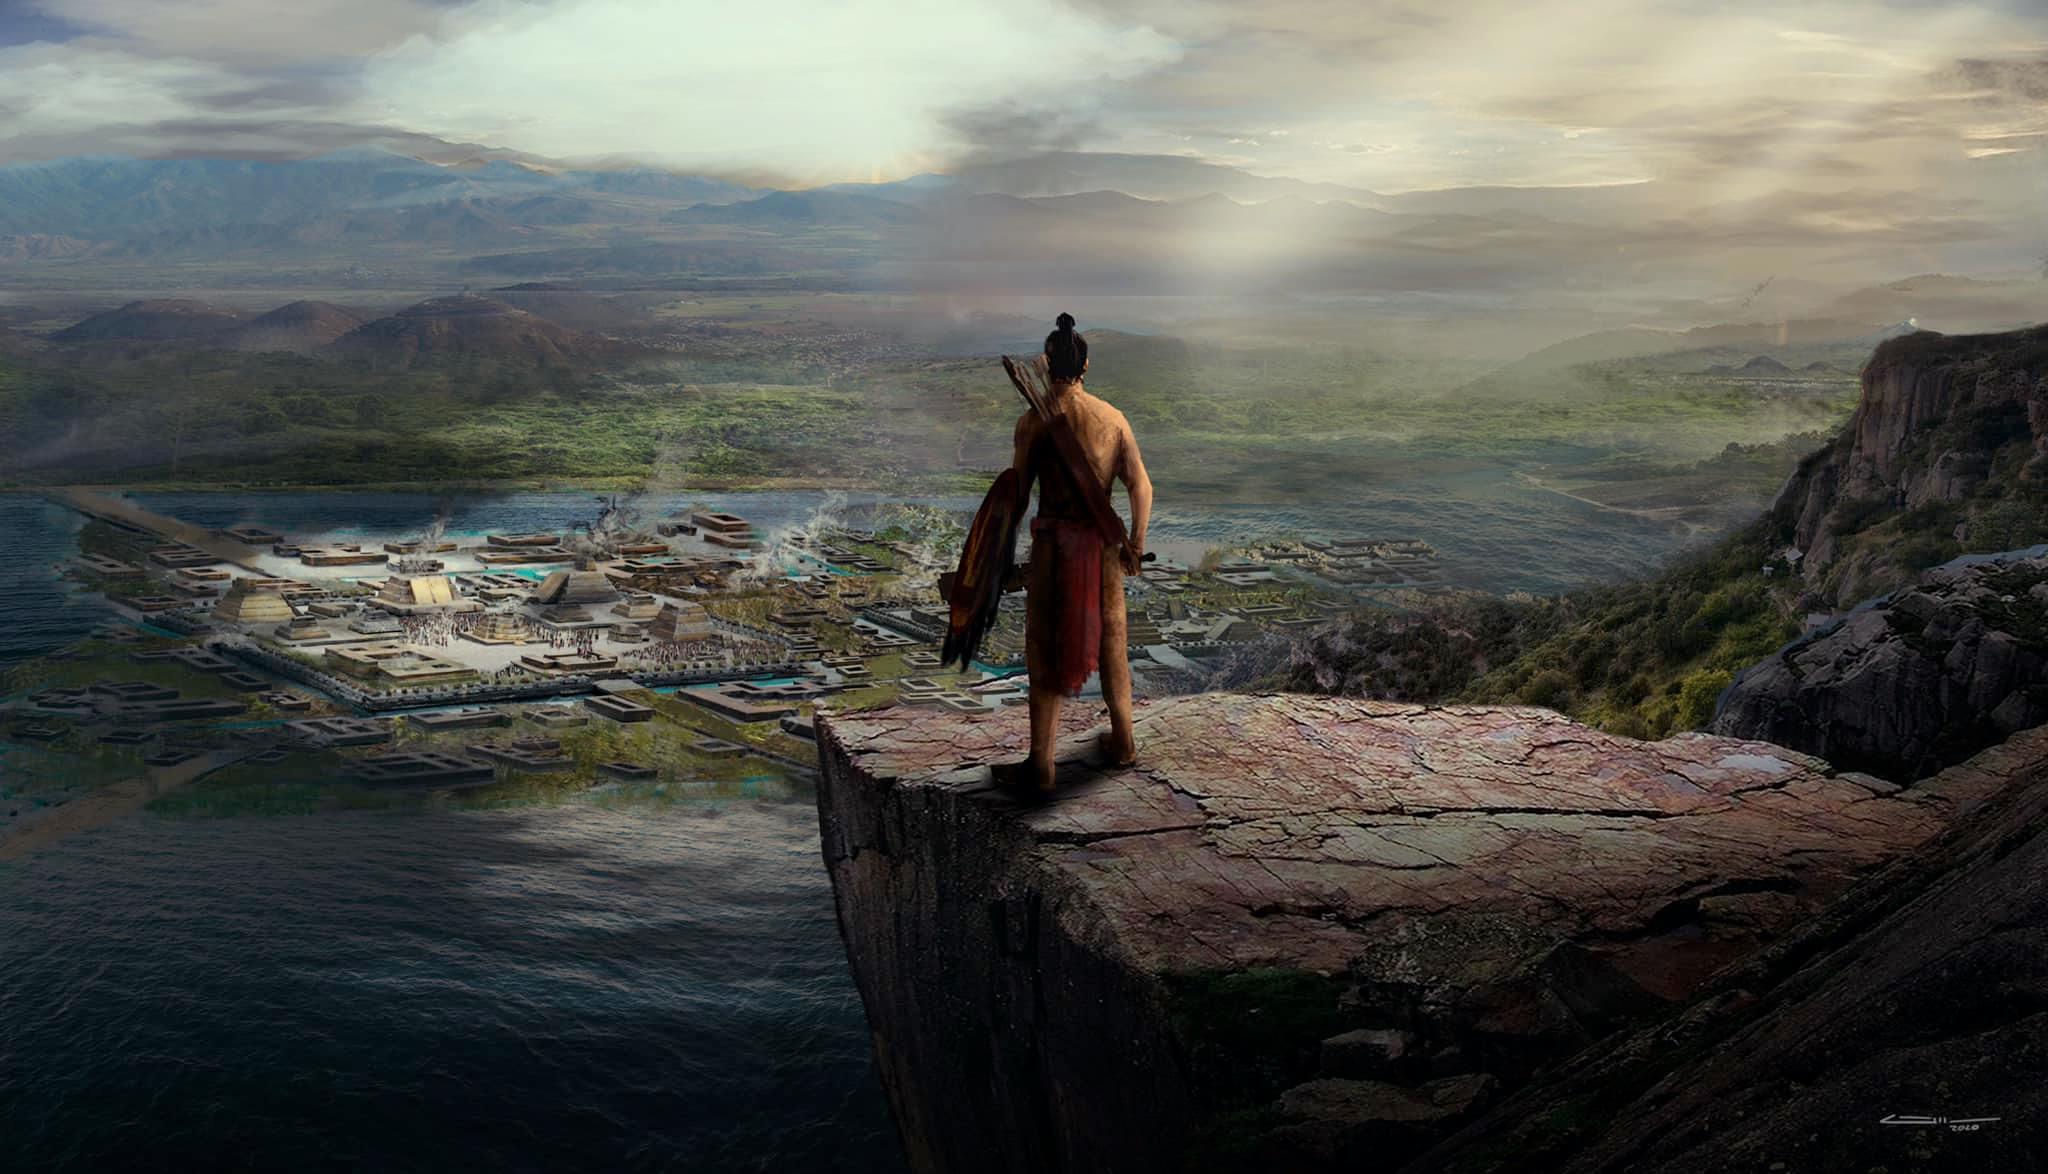 Mictlan El videojuego que te llevará a recorrer Tenochtitlán y el inframundo mexica portada 2